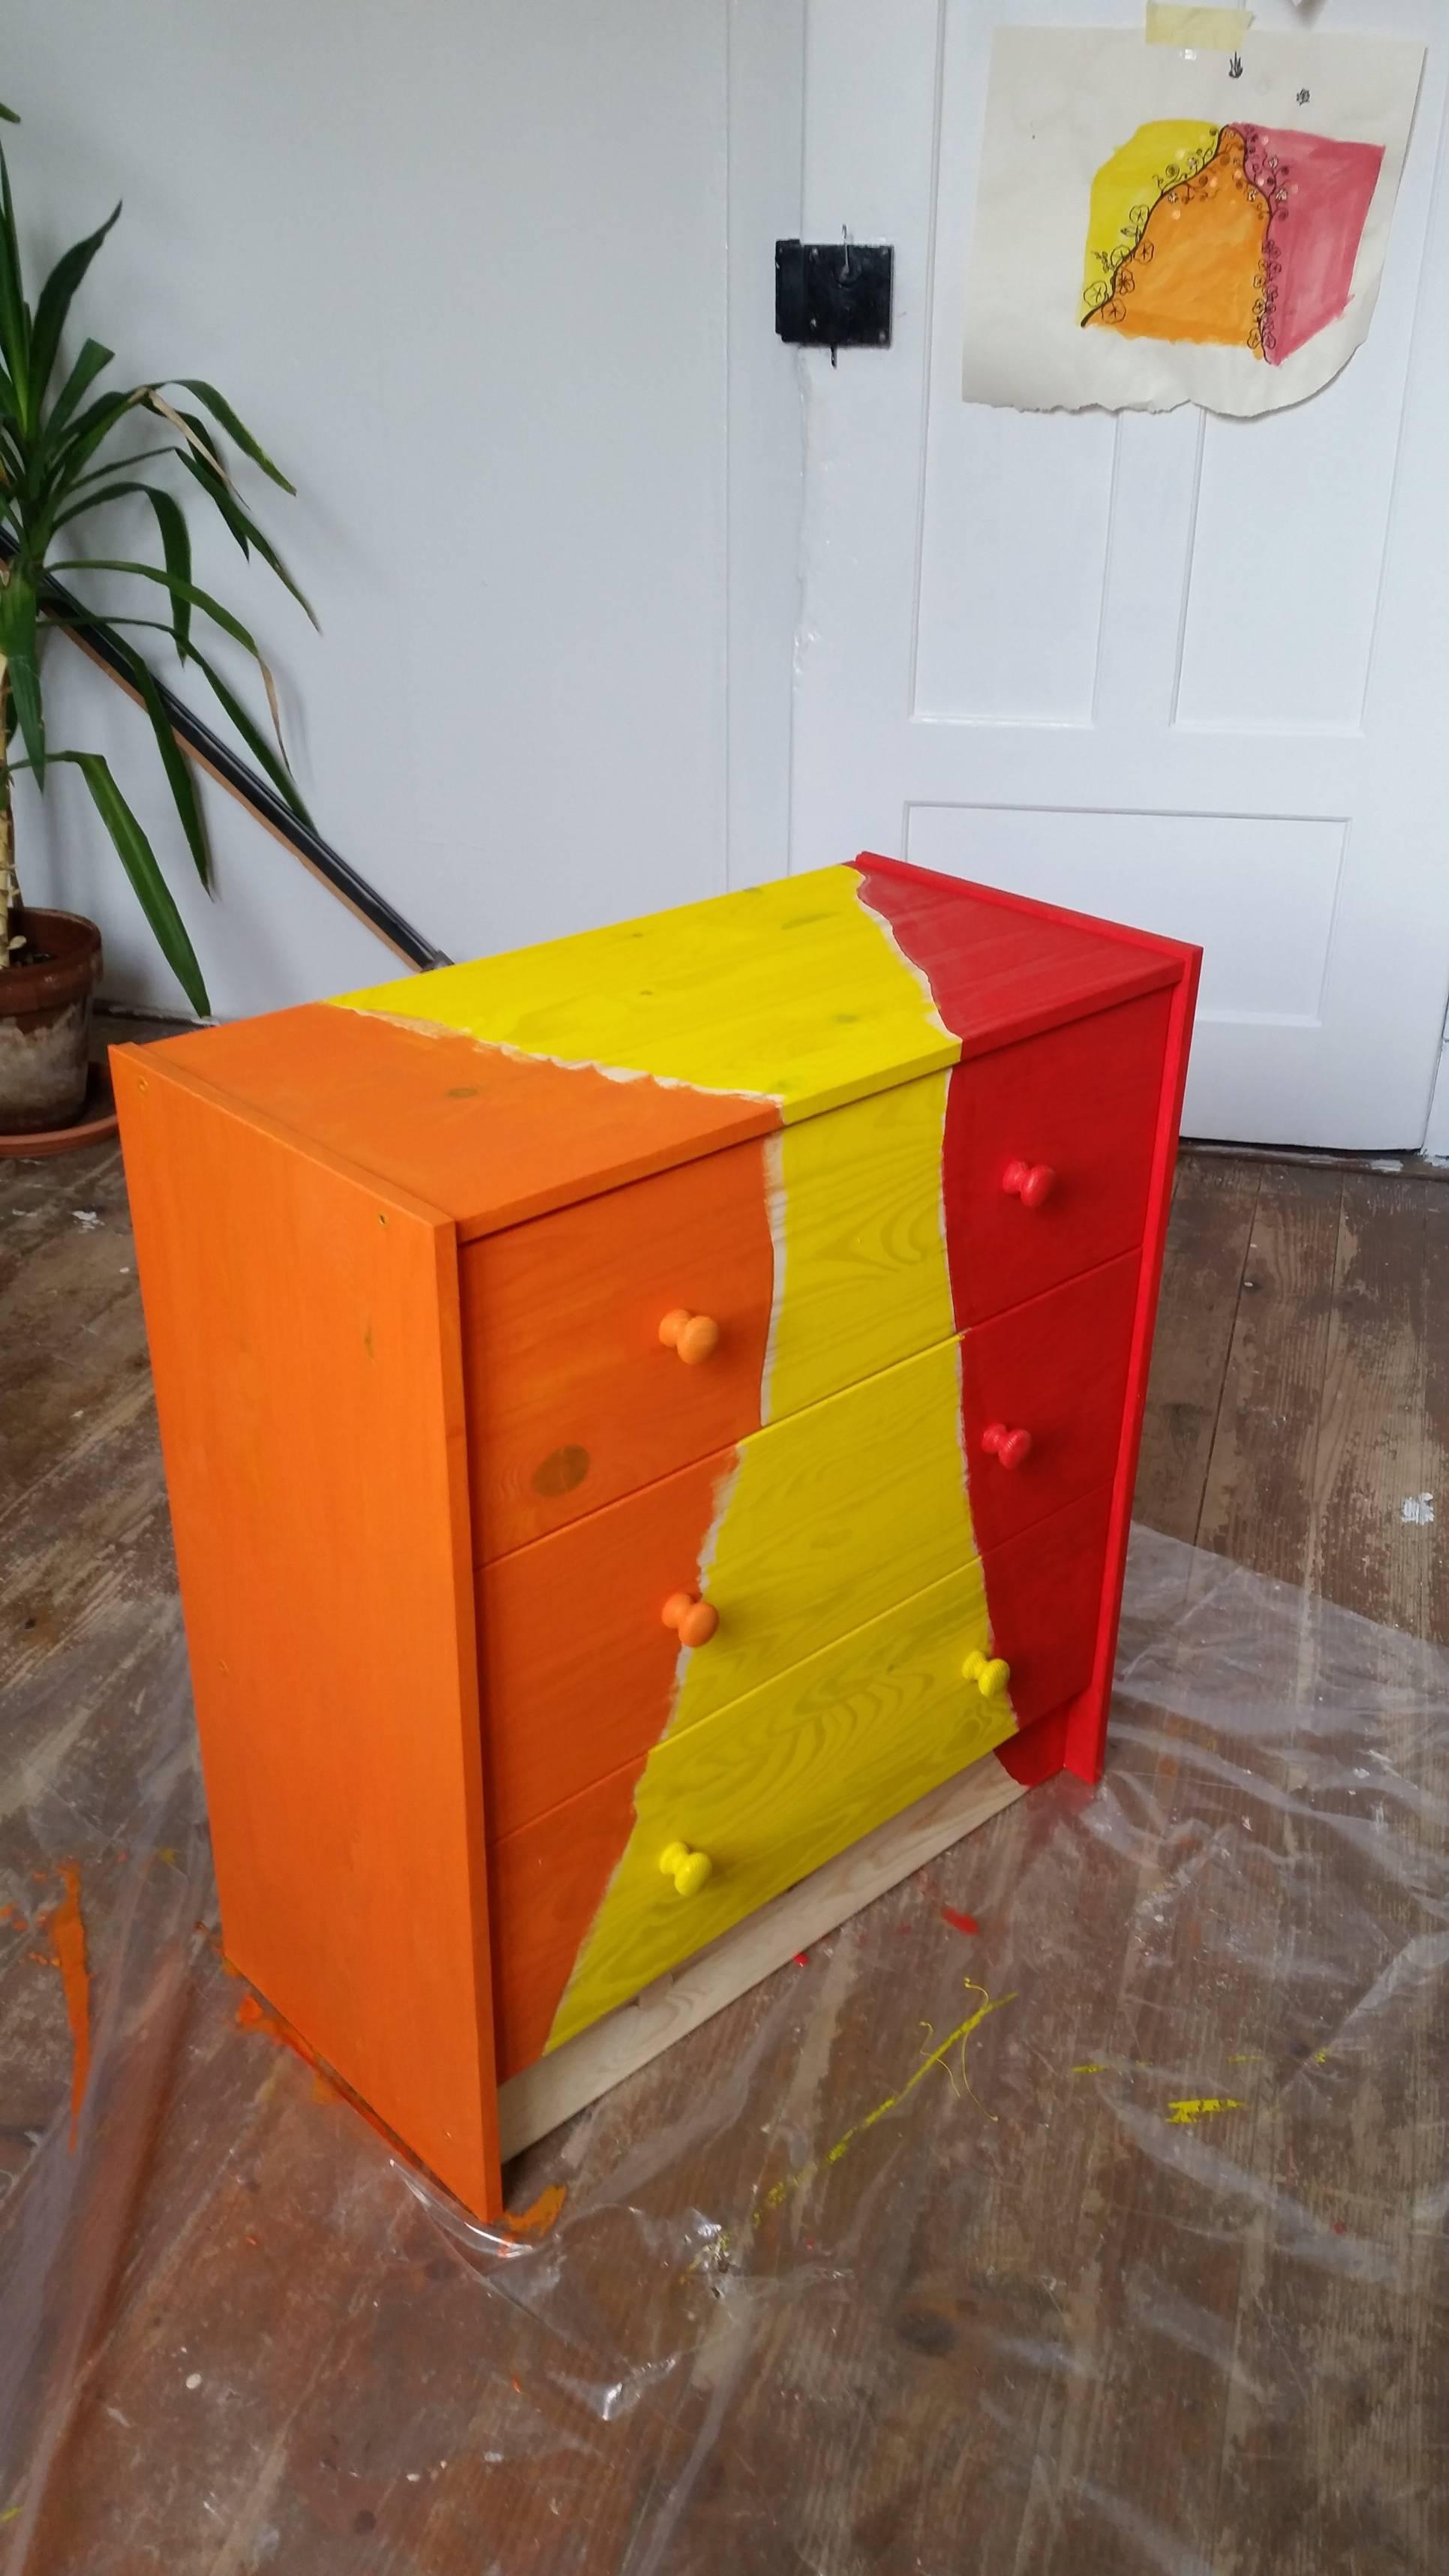 Handbemalte Mobel Handgeschilderde Meubels Handpainted Furniture